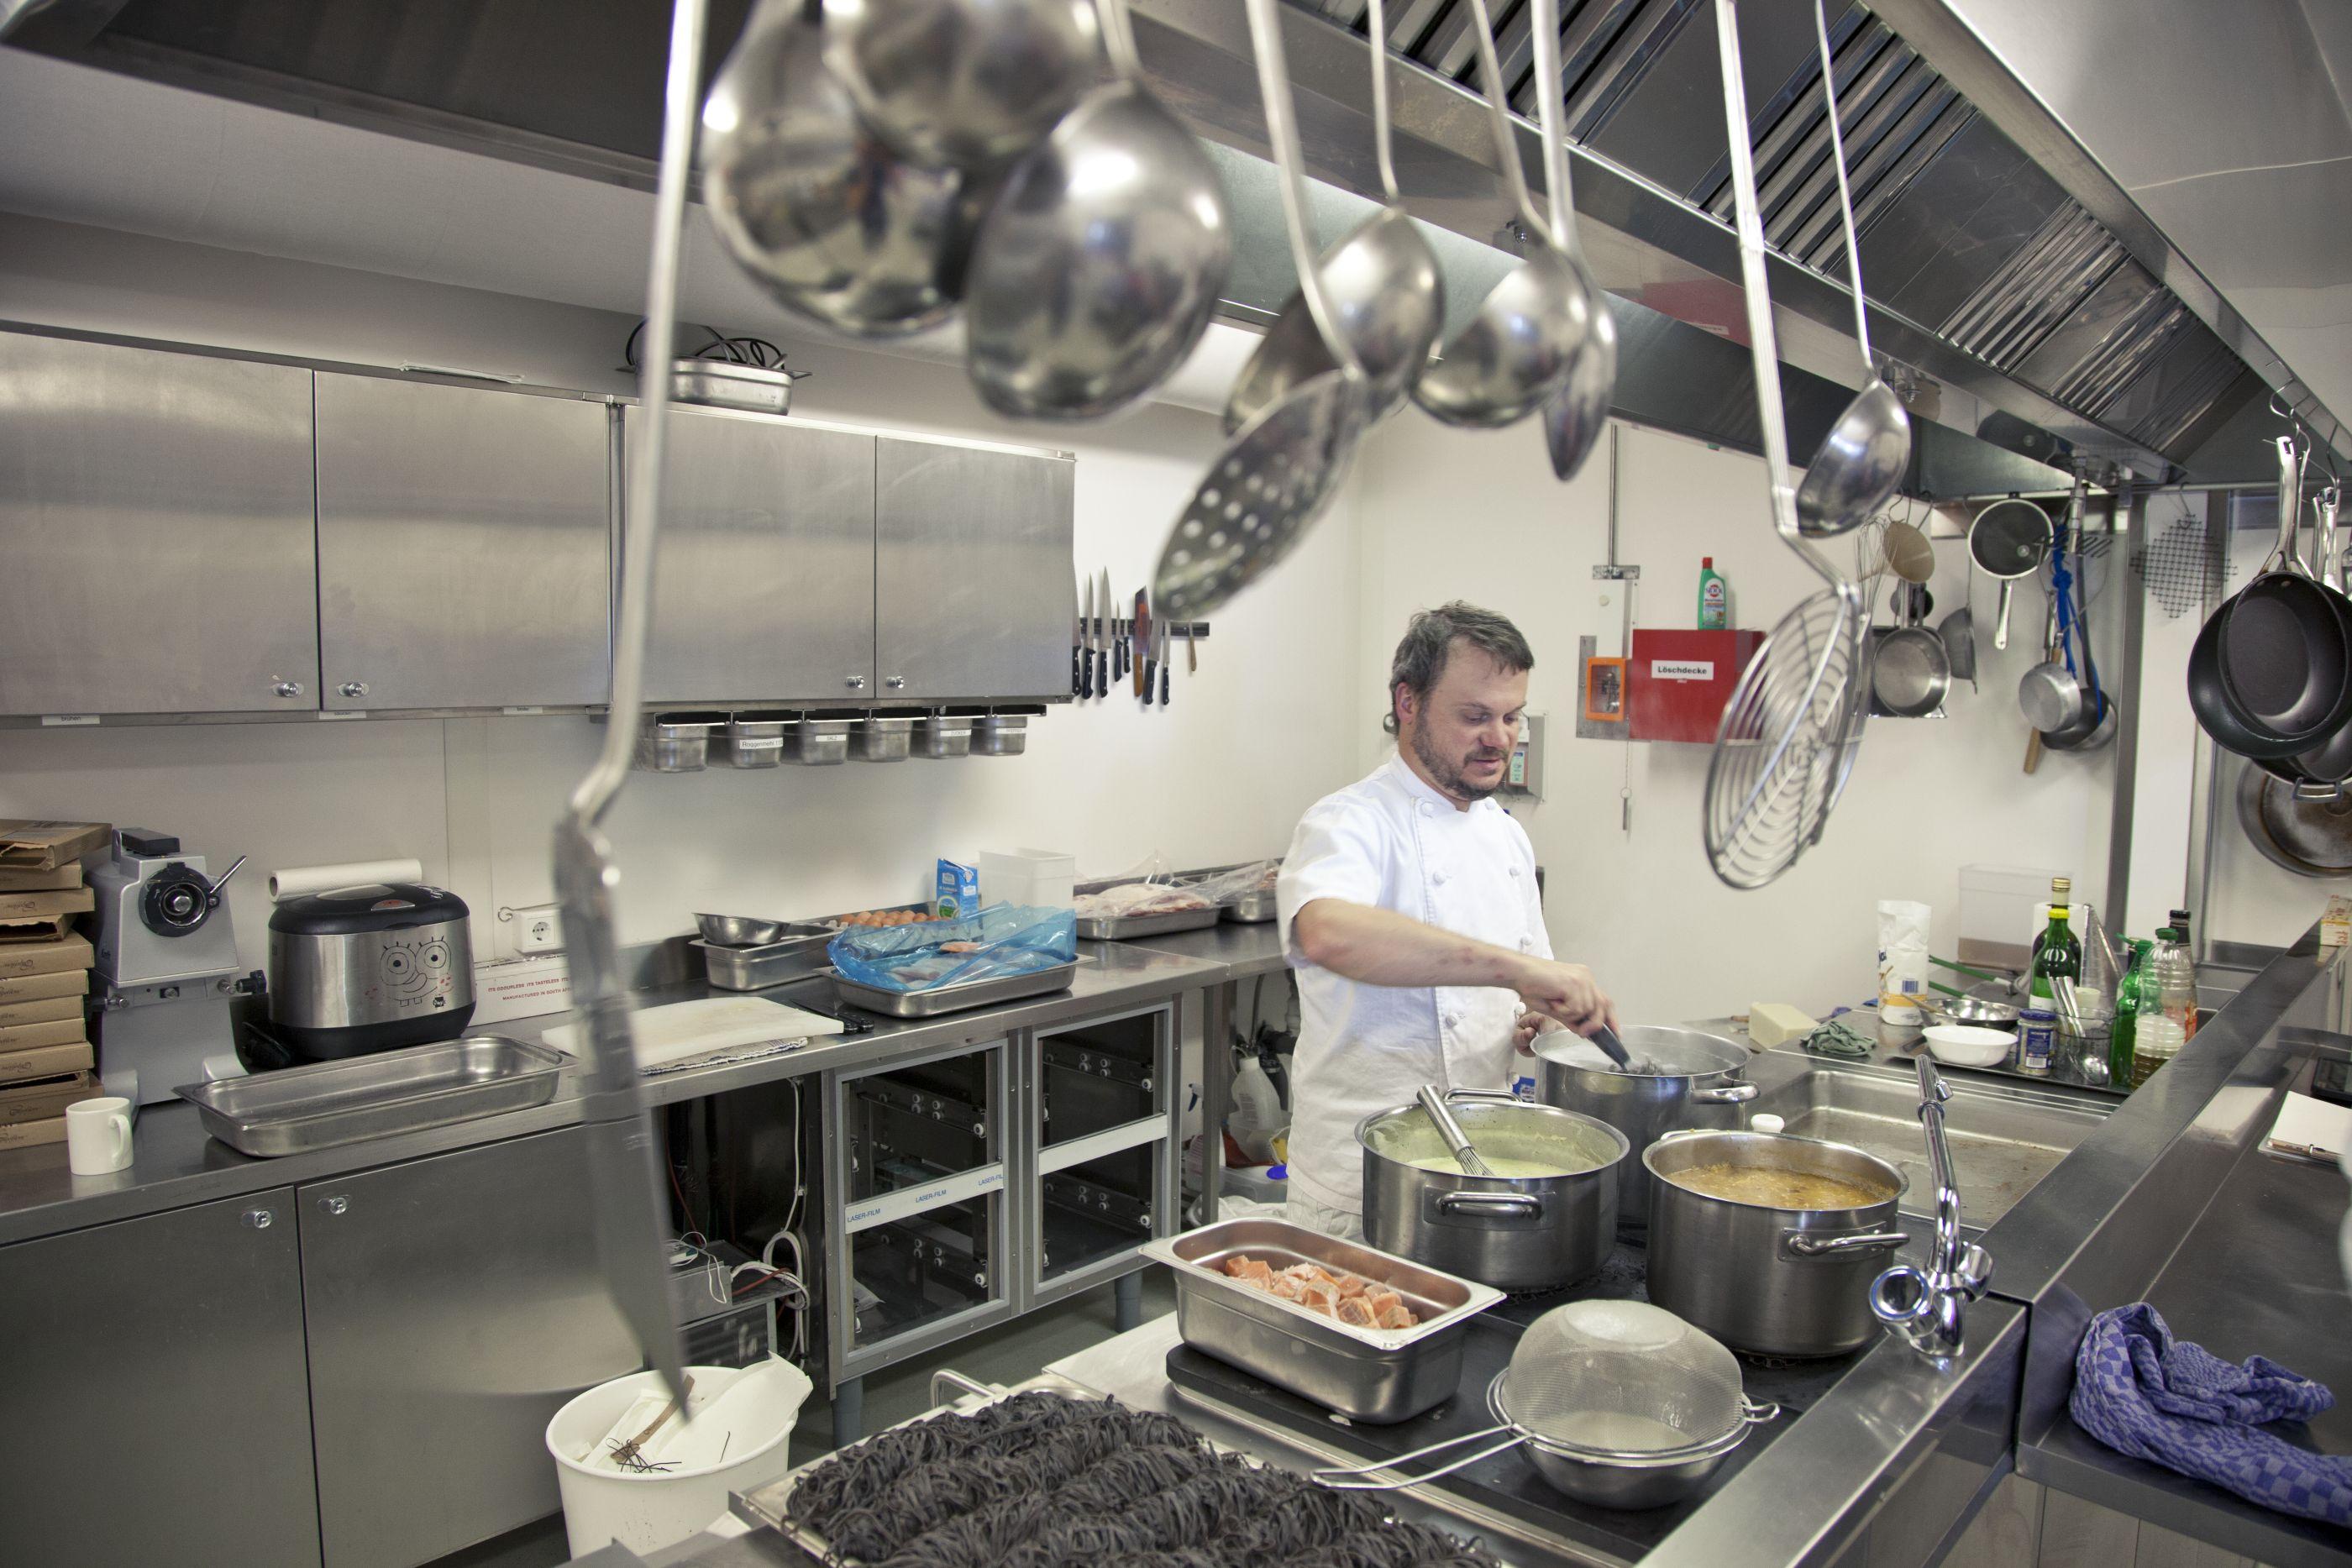 Koch bei der arbeit  Ein kleiner Gruß aus der Küche - Antarktis-Blog: AtkaXpress